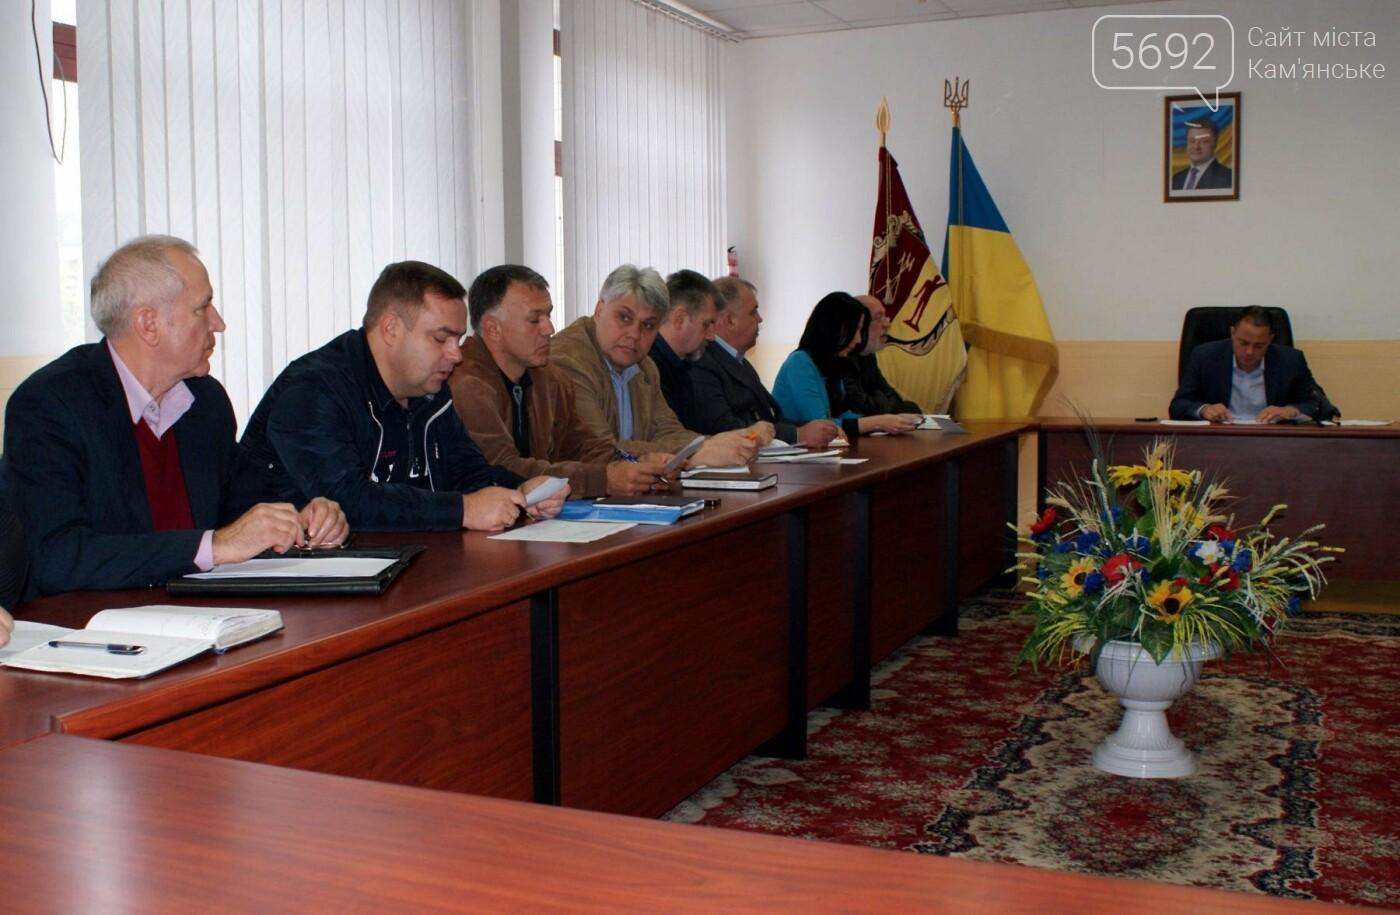 Чиновники Каменского собрались на совещание по вопросу уборки листьев, фото-2